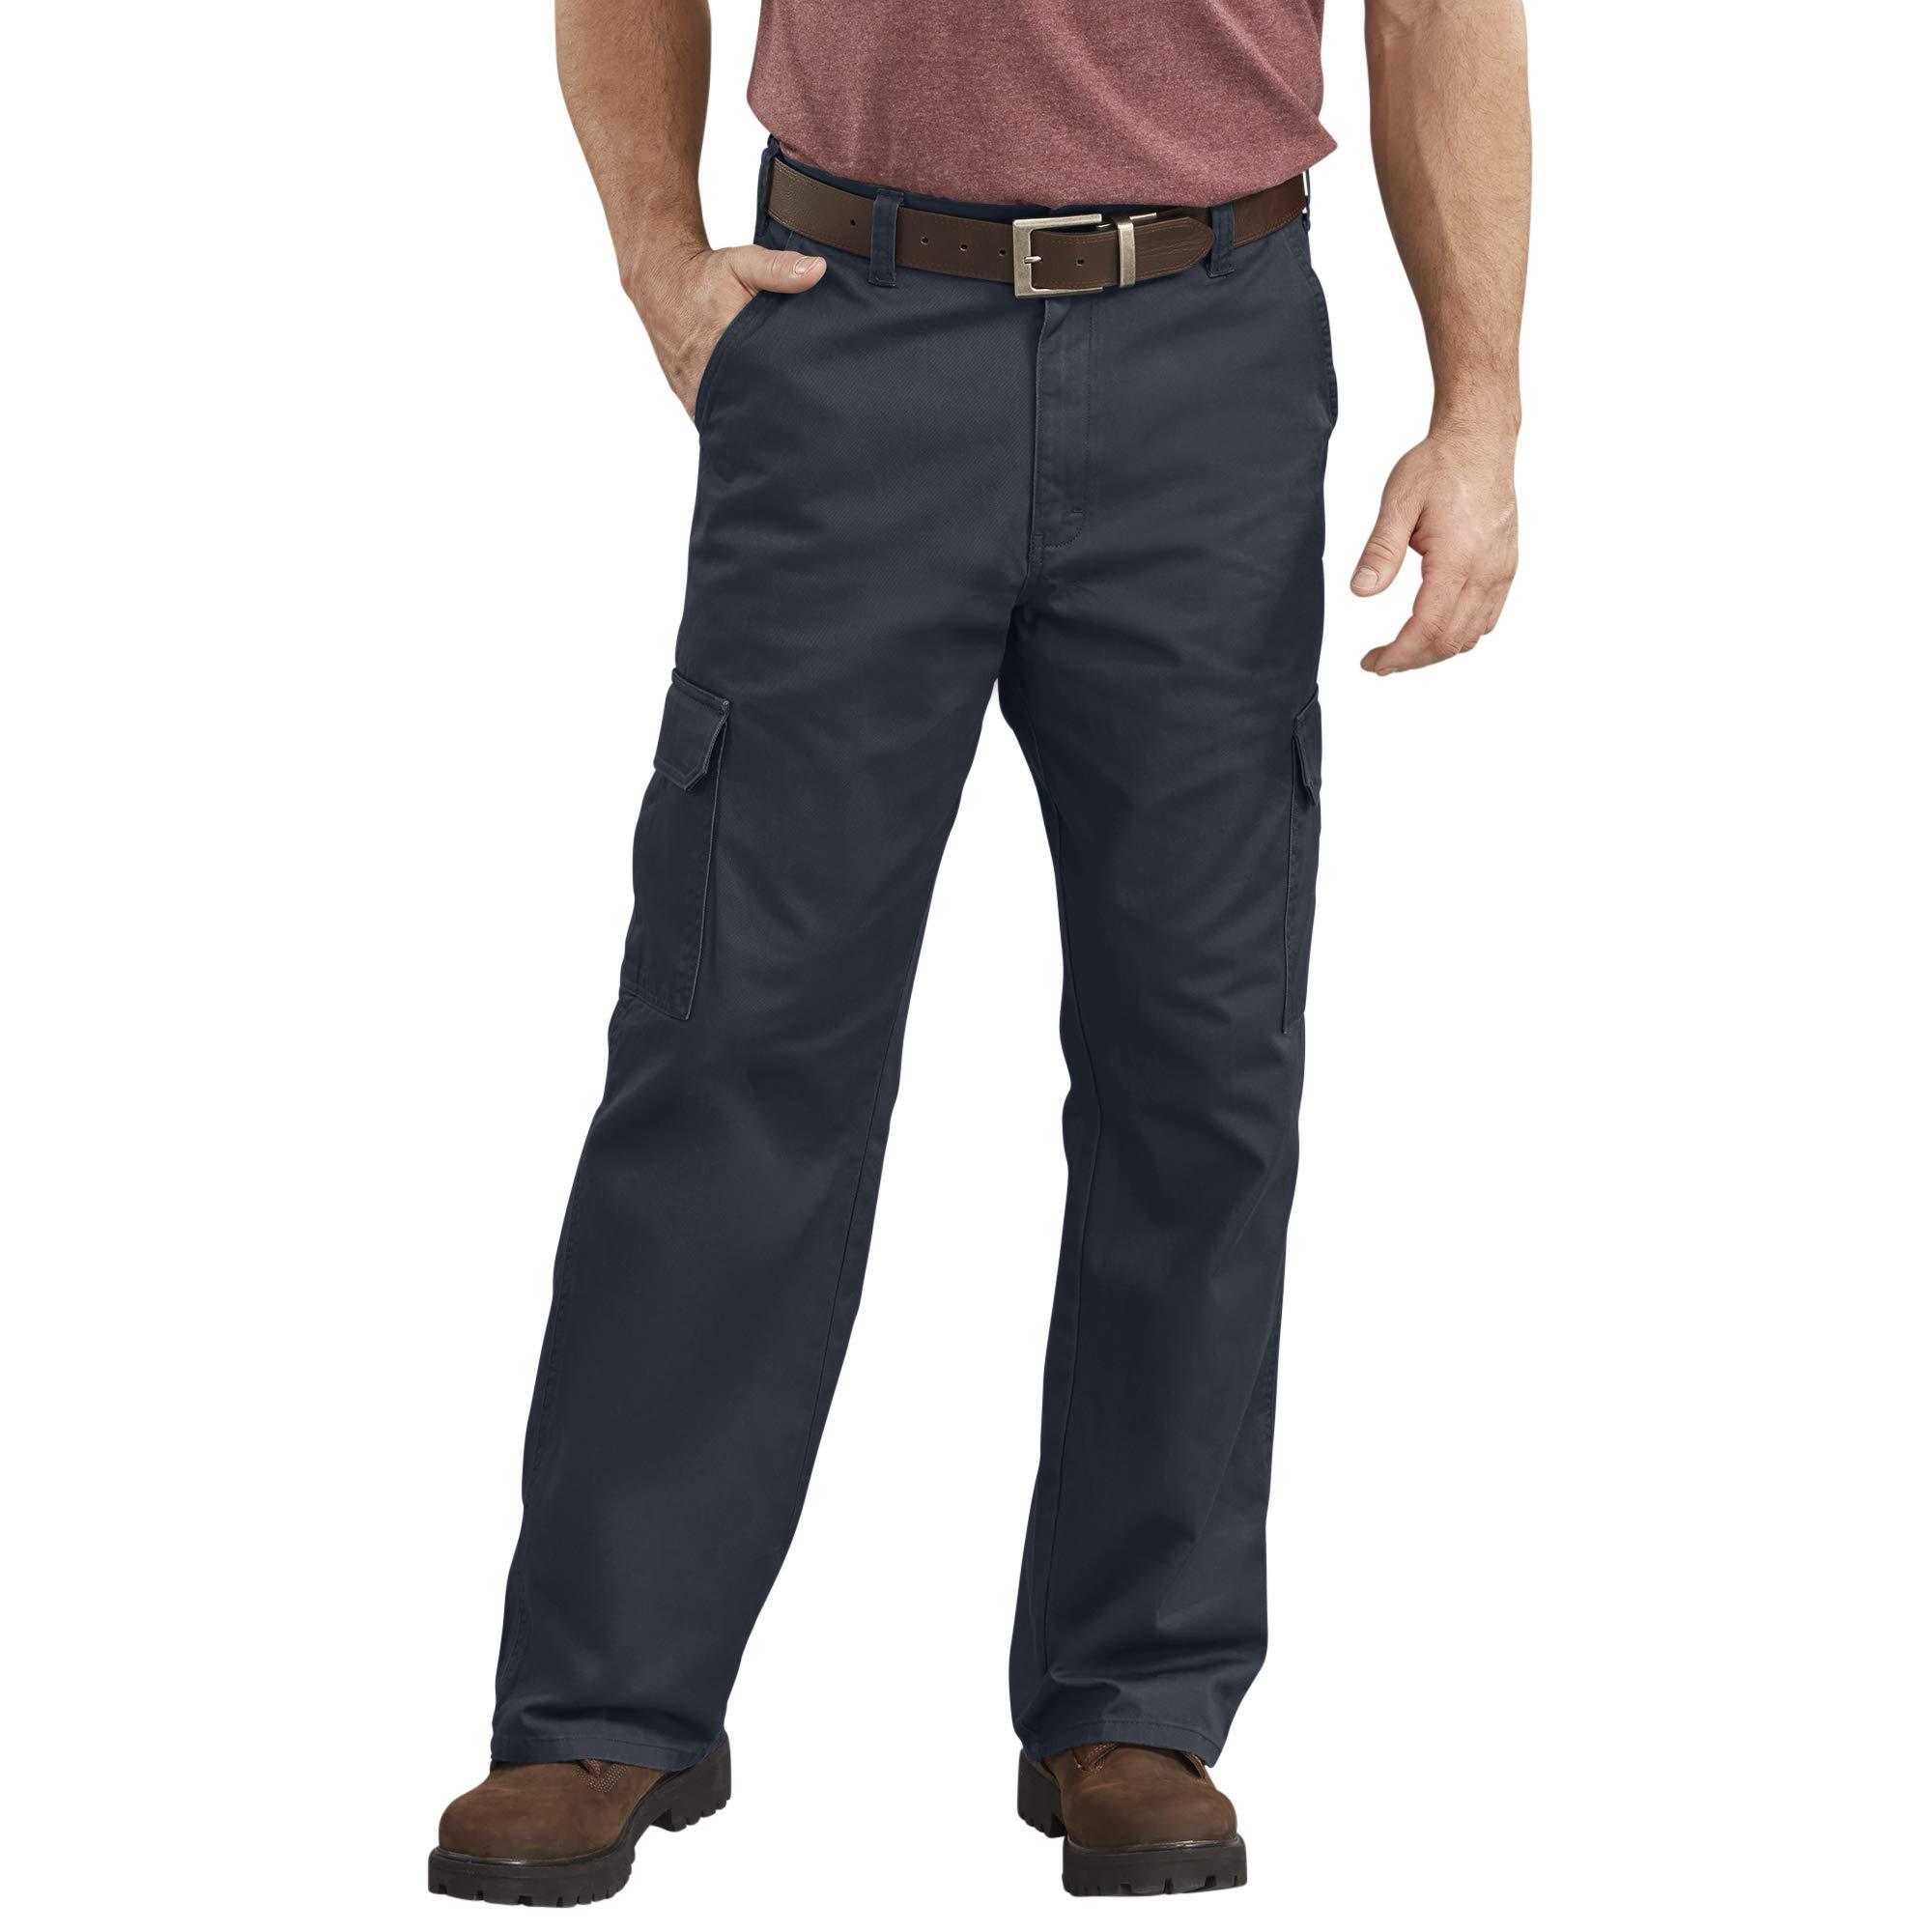 Dickies Men's Loose-Fit Cargo Work Pant